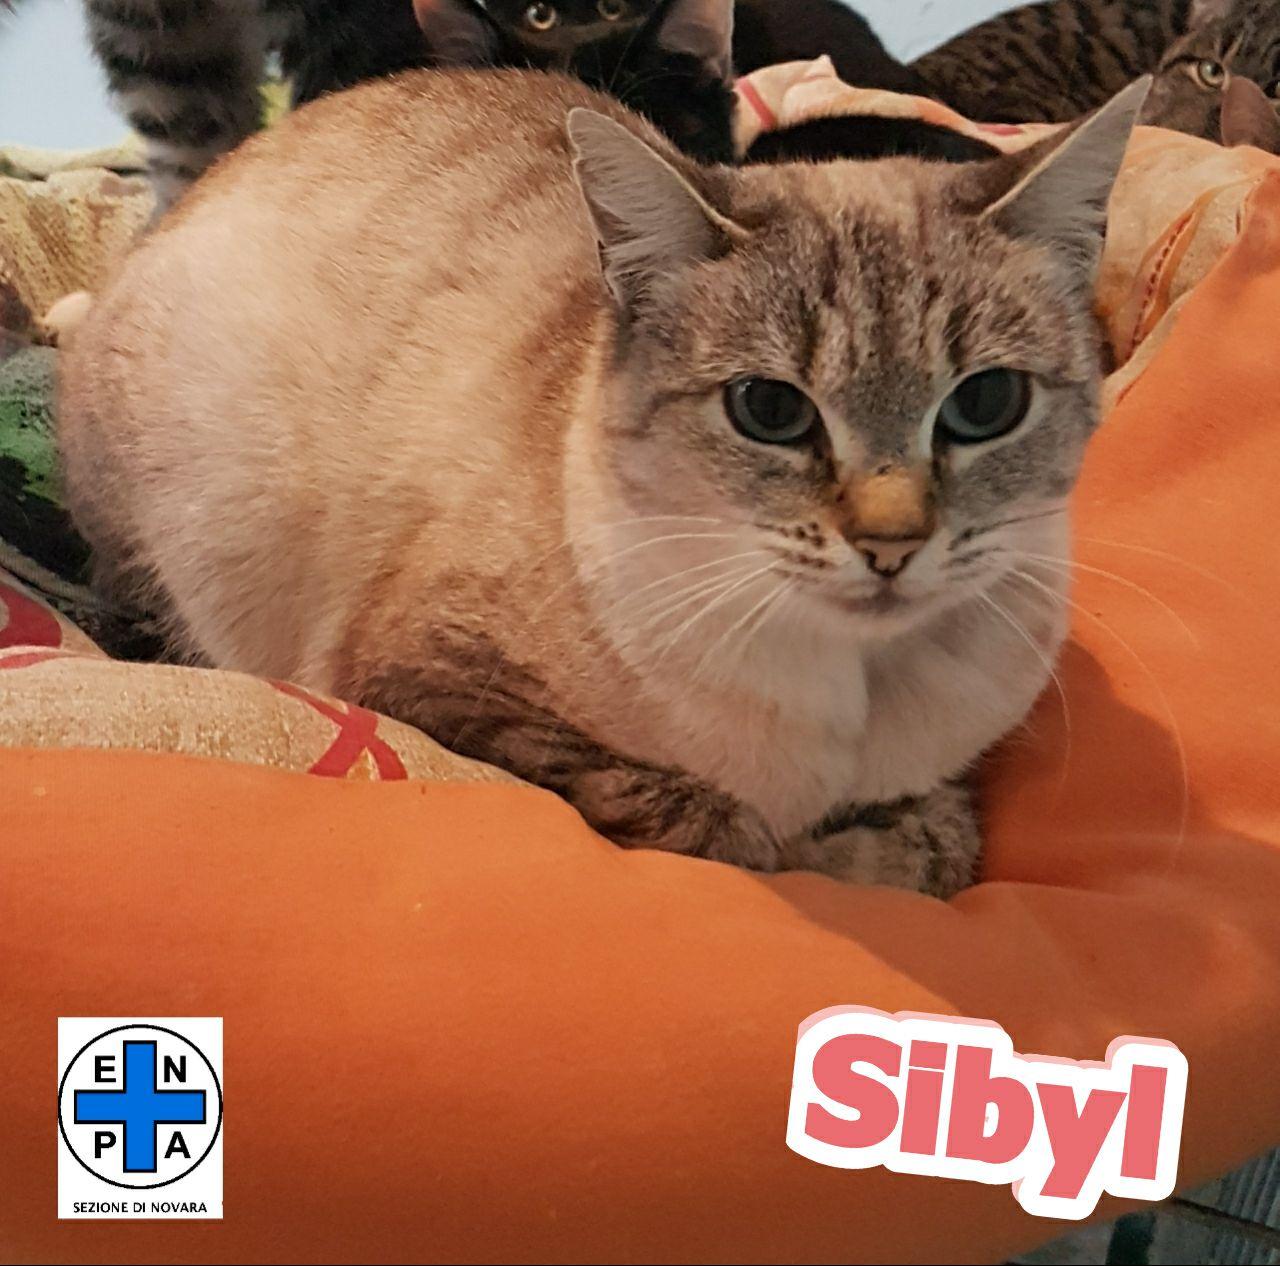 Sybil_17